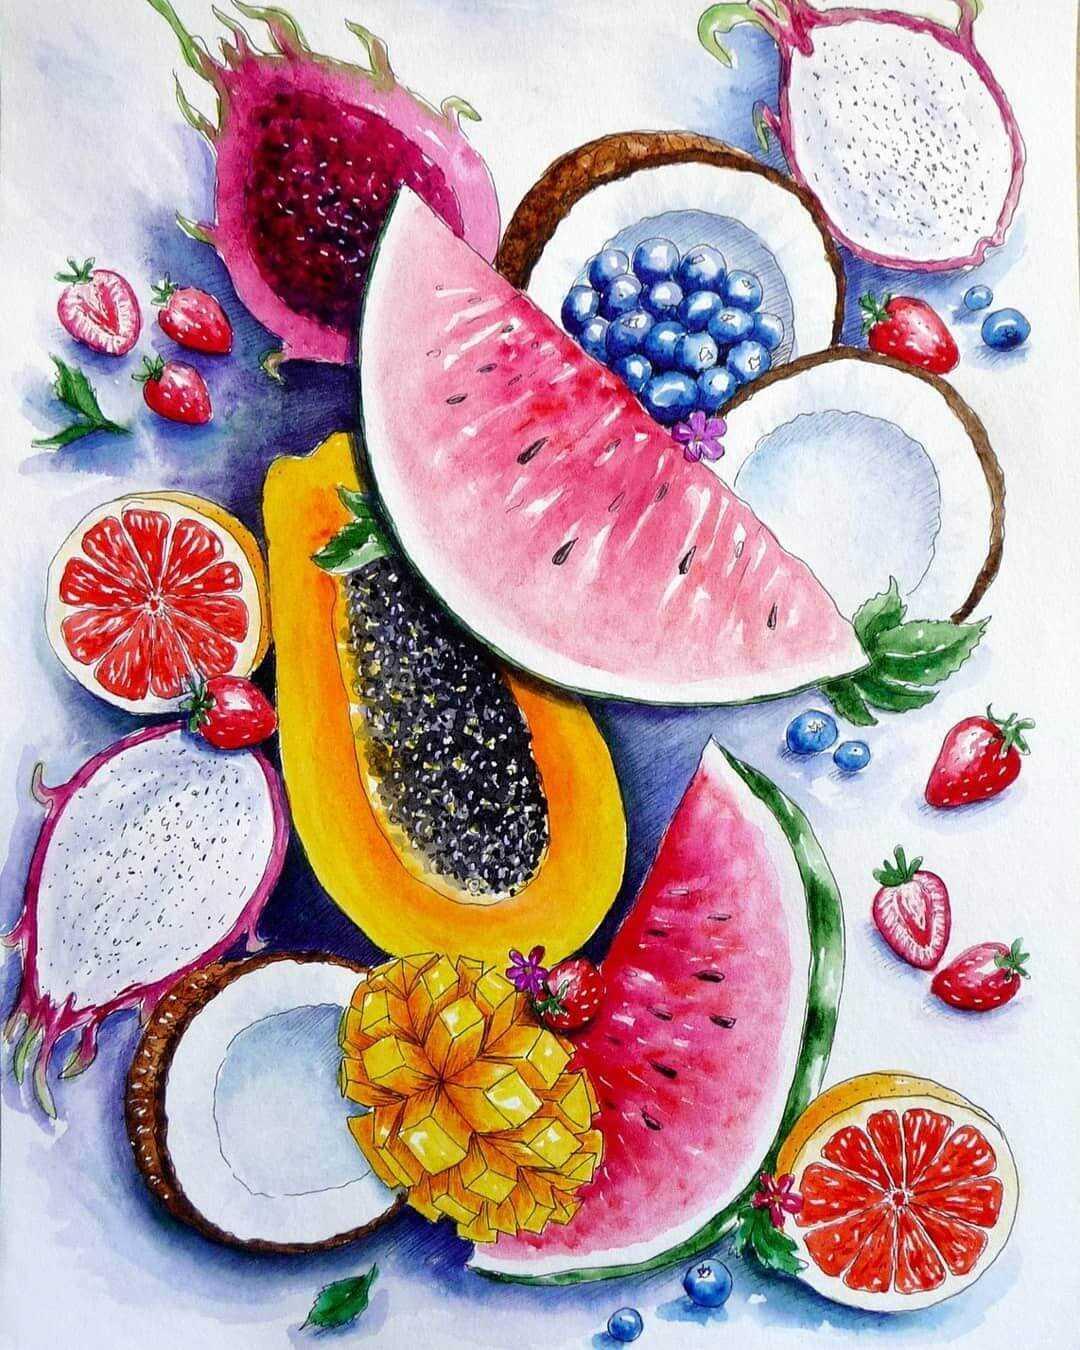 Красивый натюрморт рисунки фруктов 13